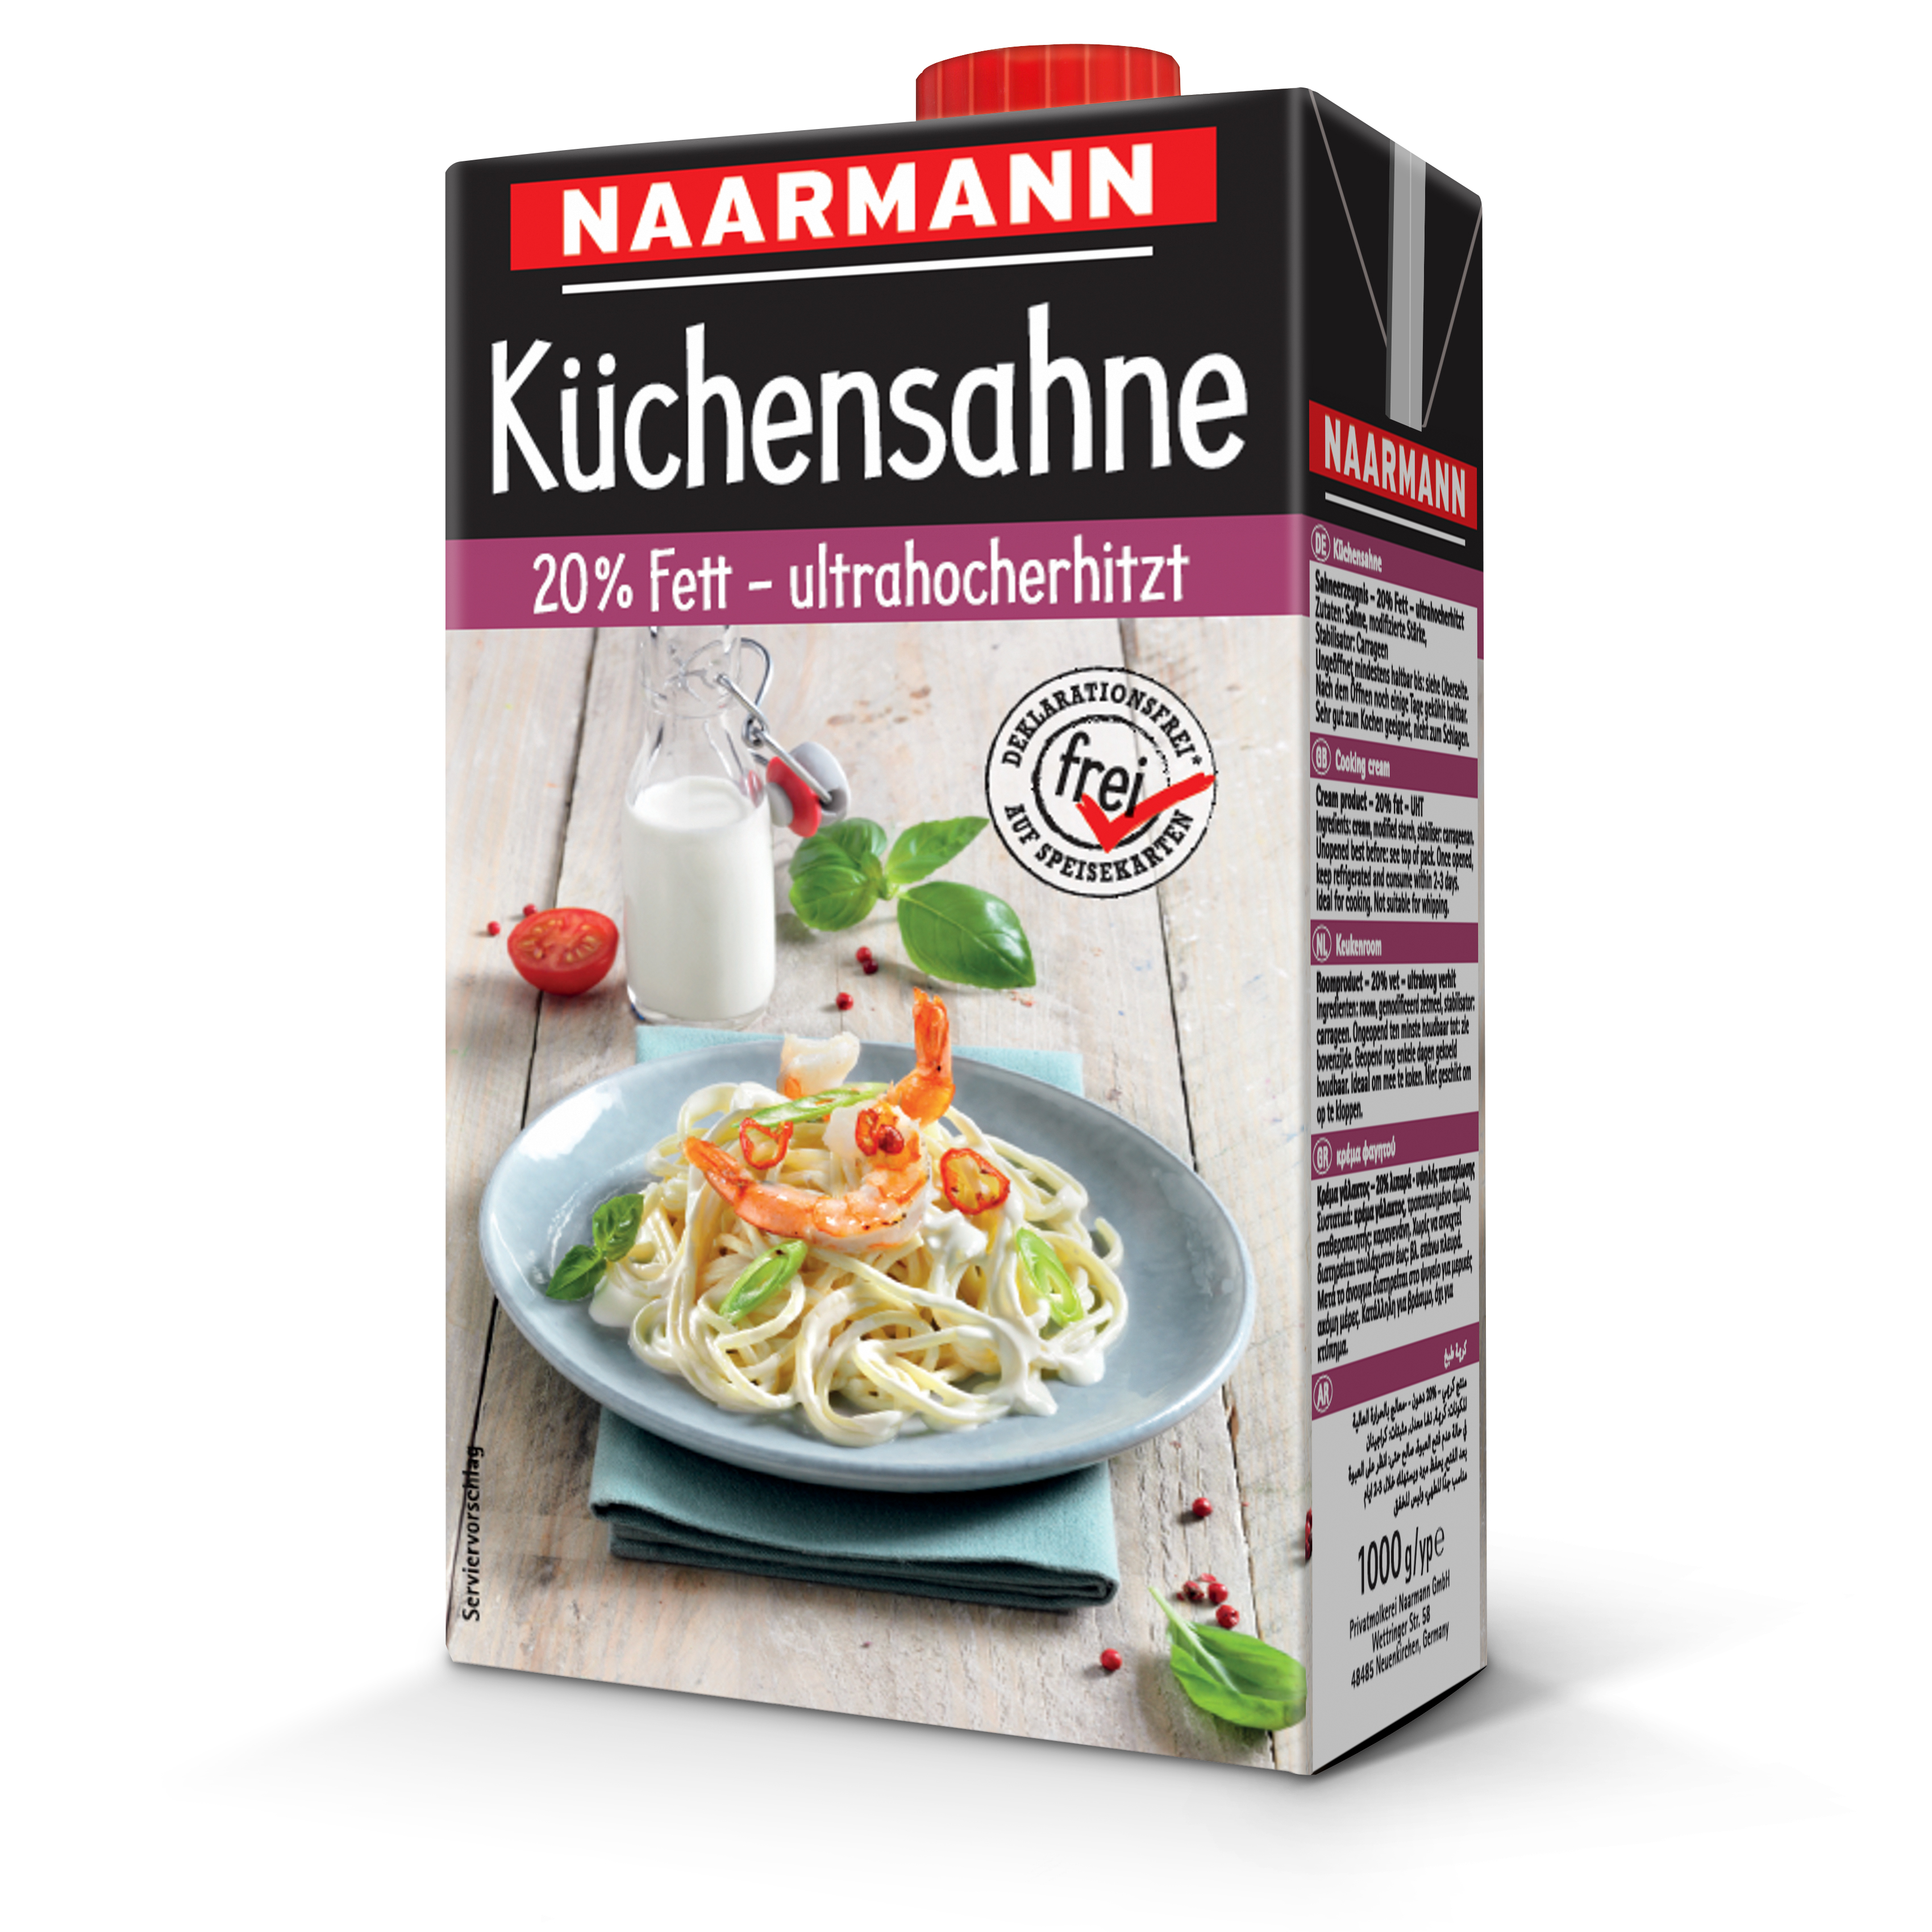 Naarmann Küchensahne 20 % Fett 1000 g